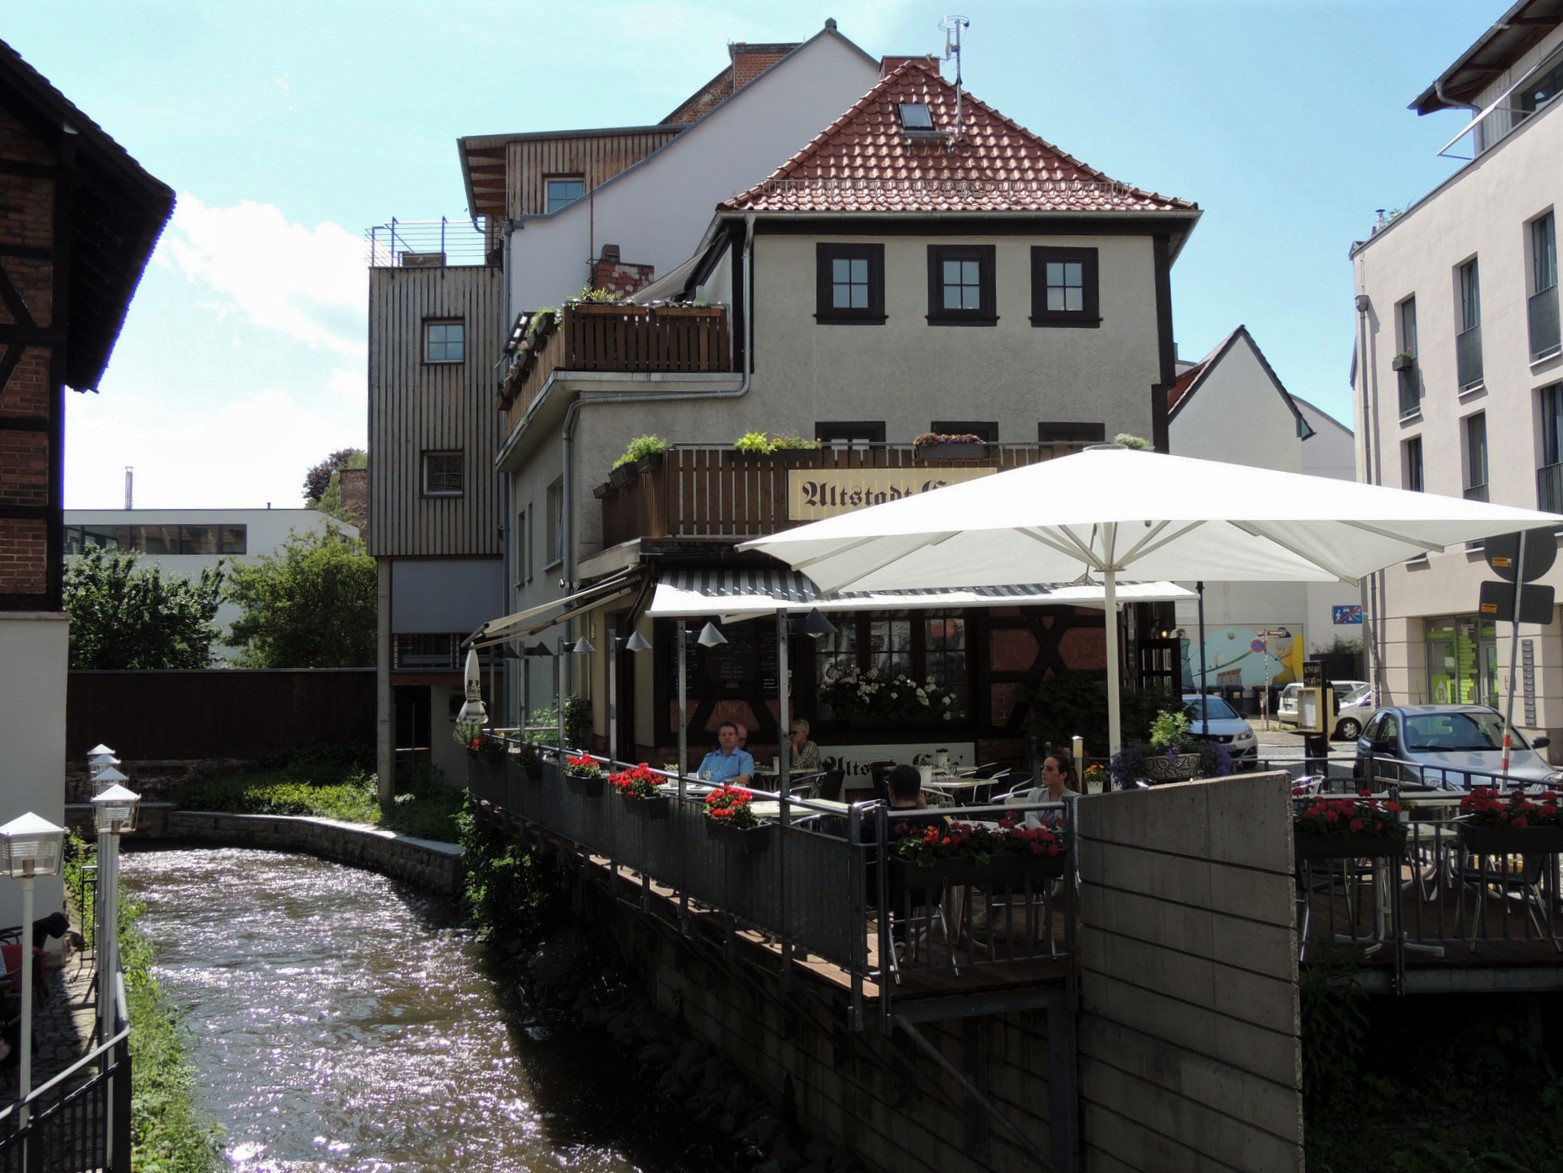 Altstadtcafé Erfurt